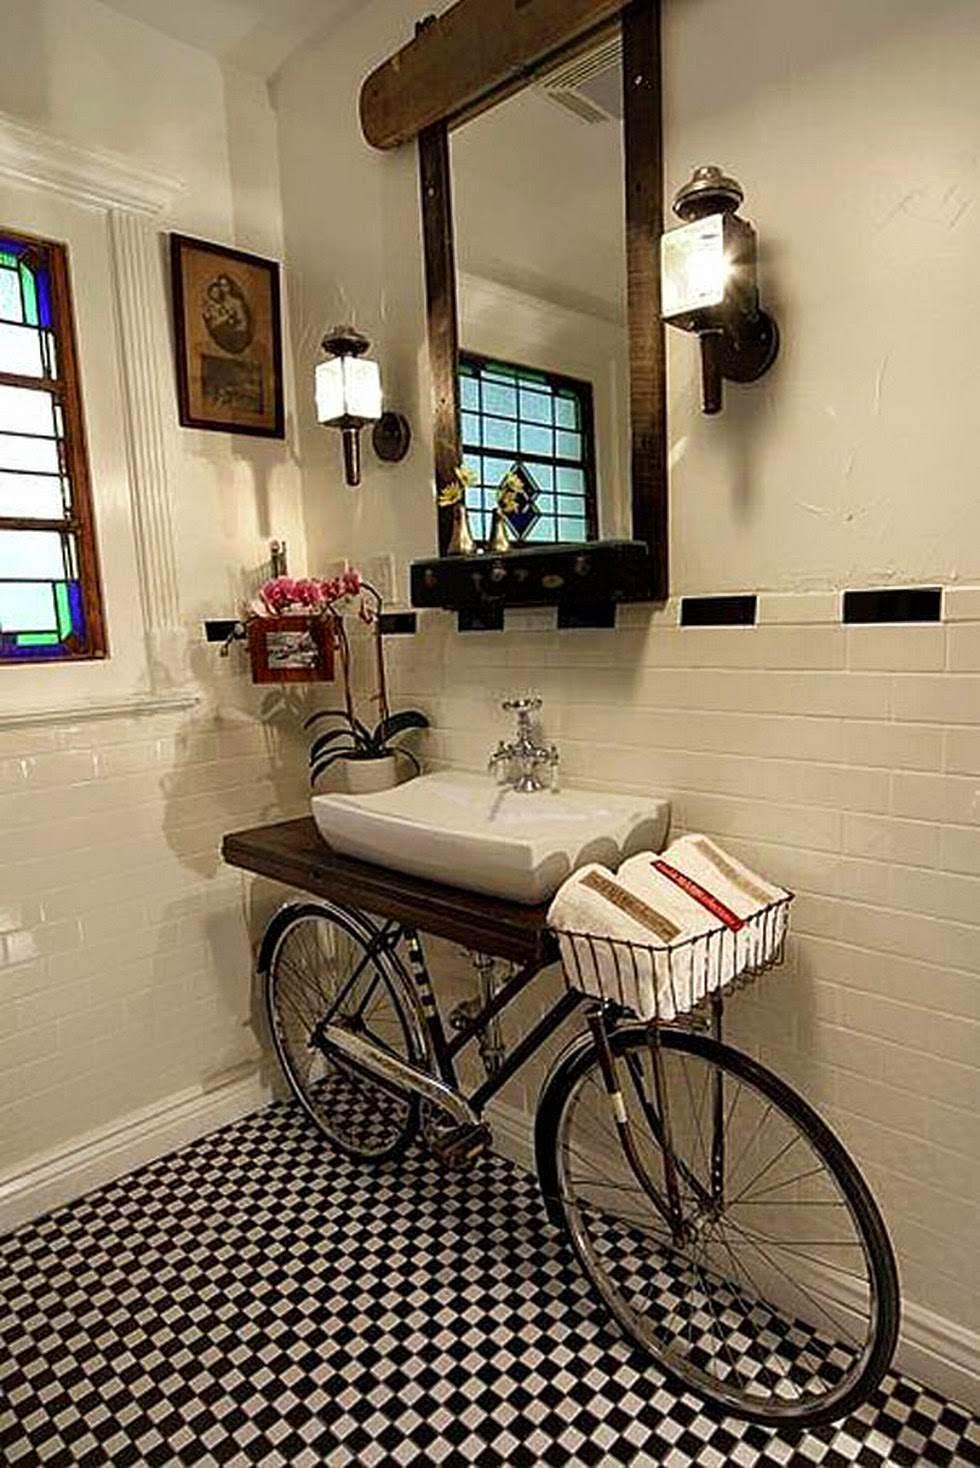 21-una-comoda-en-el-baño